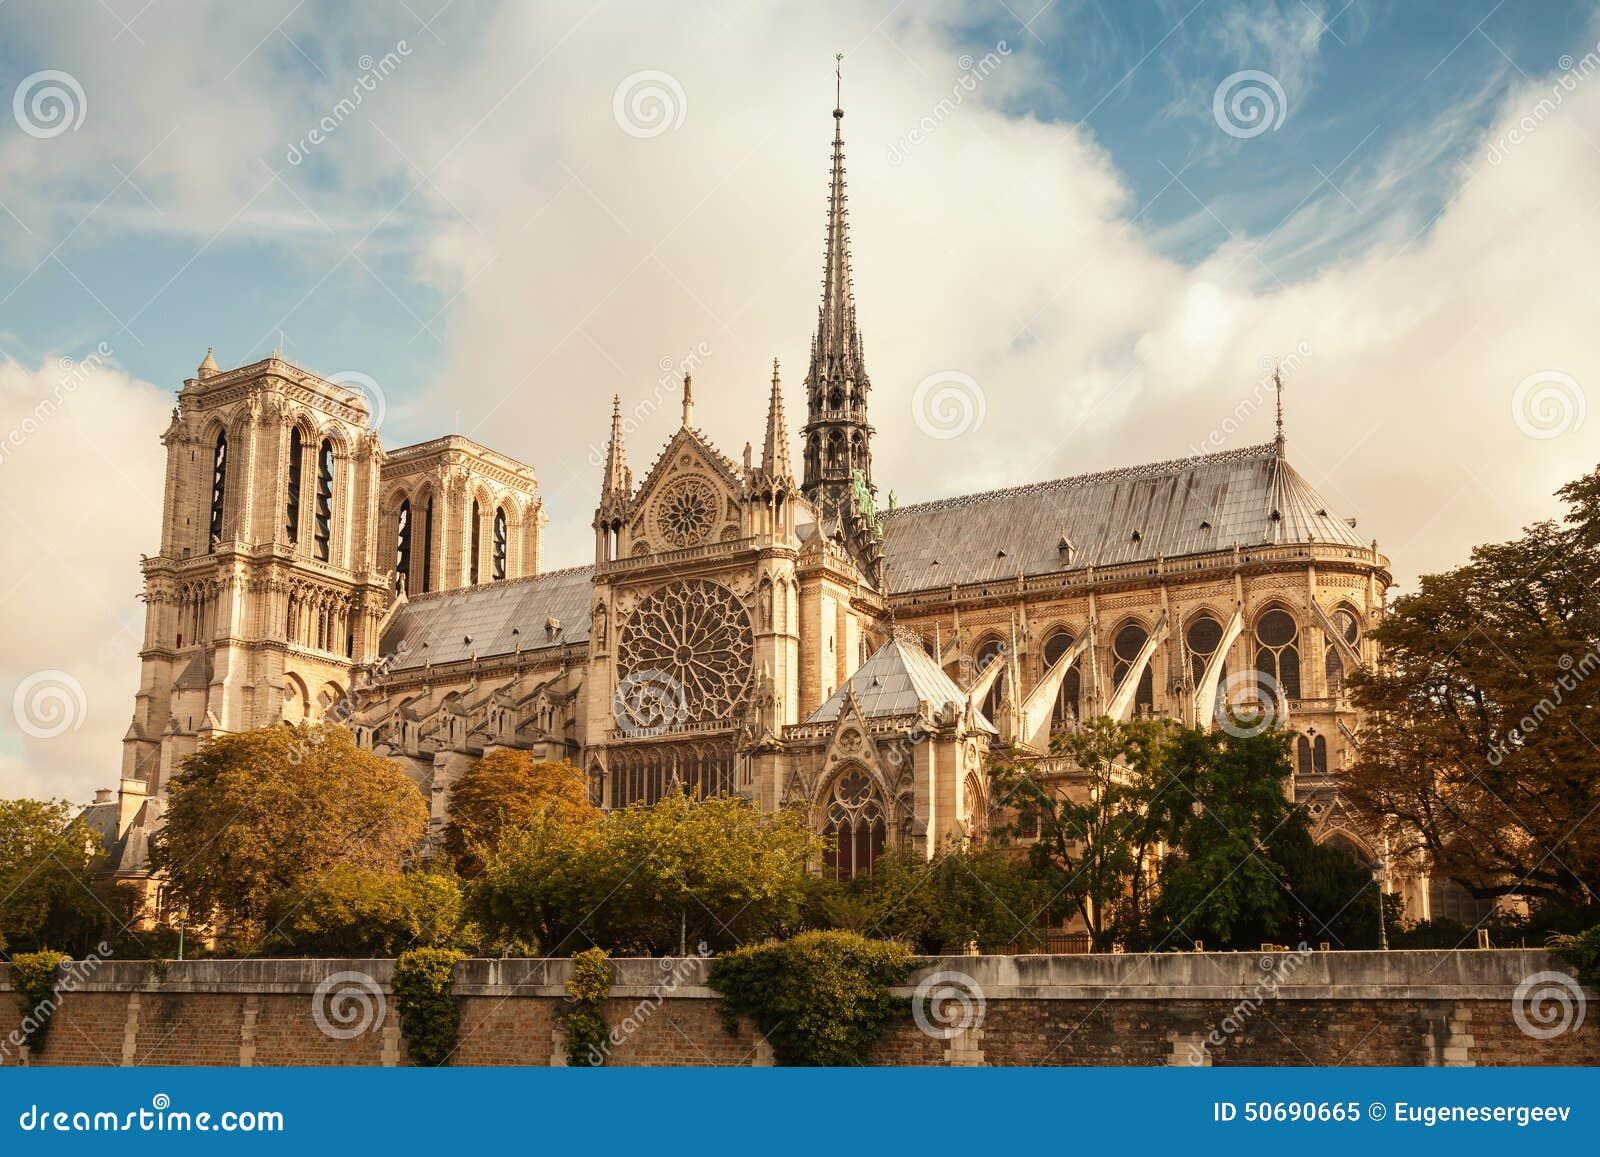 Download 巴黎圣母院大教堂,葡萄酒定了调子照片 库存图片. 图片 包括有 著名, 镇痛药, 教会, 地标, 都市风景 - 50690665